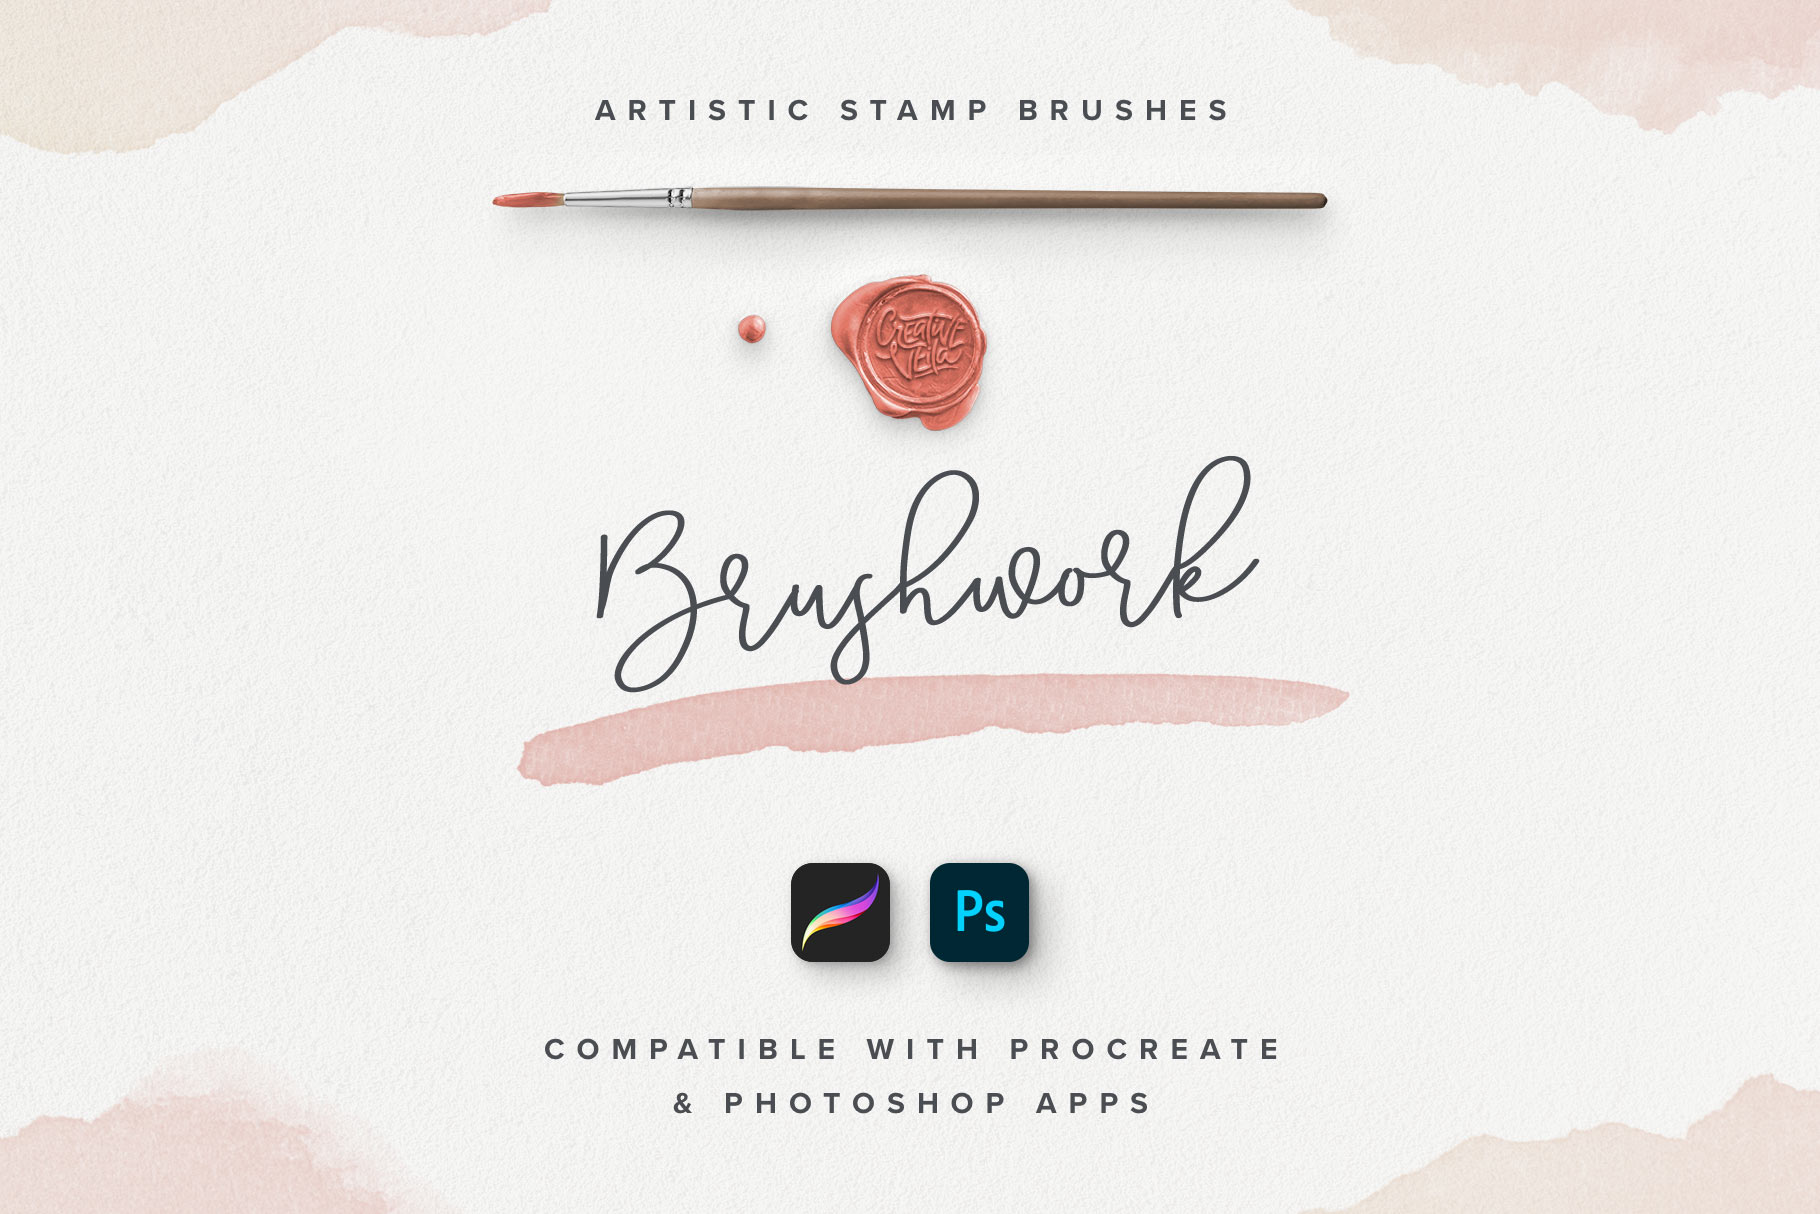 Brushwork: artistic Procreate & Photoshop brushes